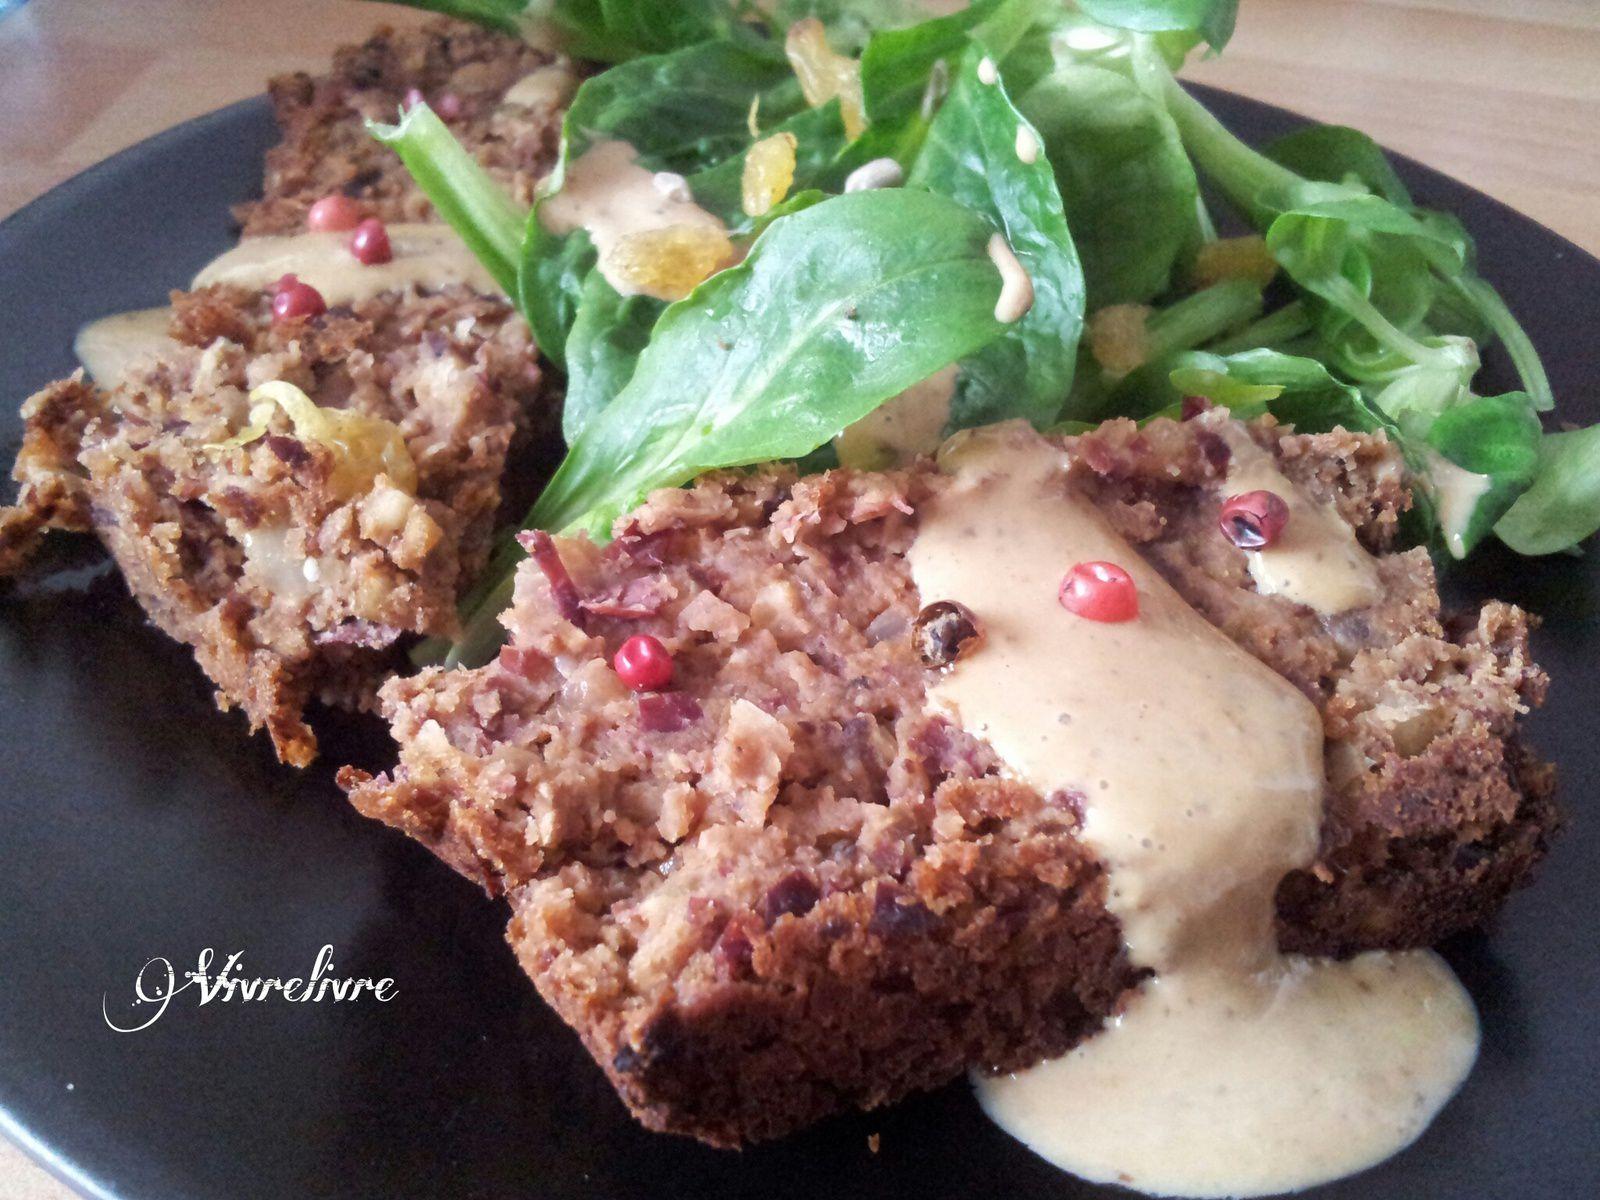 http://liliskitchen.com/terrine-aux-pois-chiches-haricots-rouges-et-lentilles-corail-vegan/